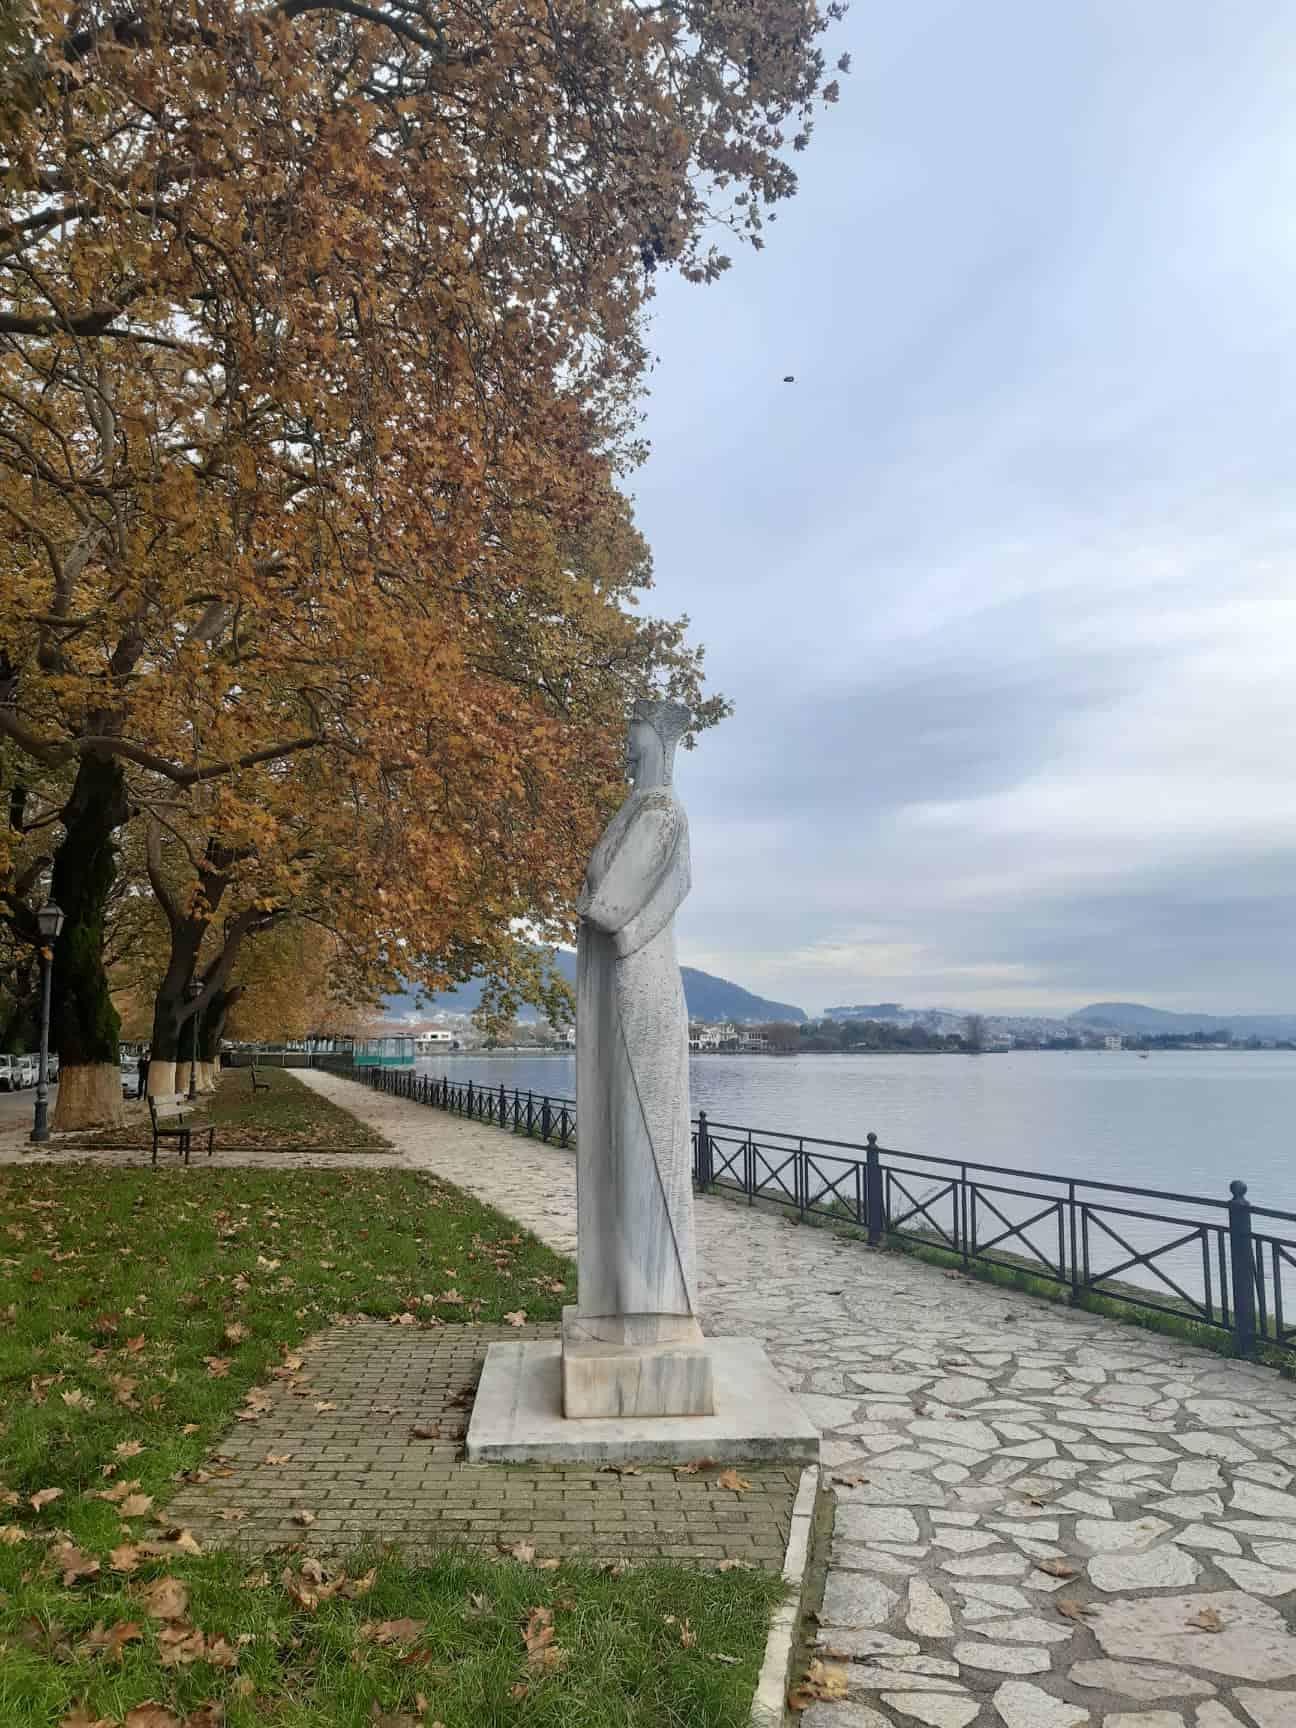 Ioannina, Northern Greece